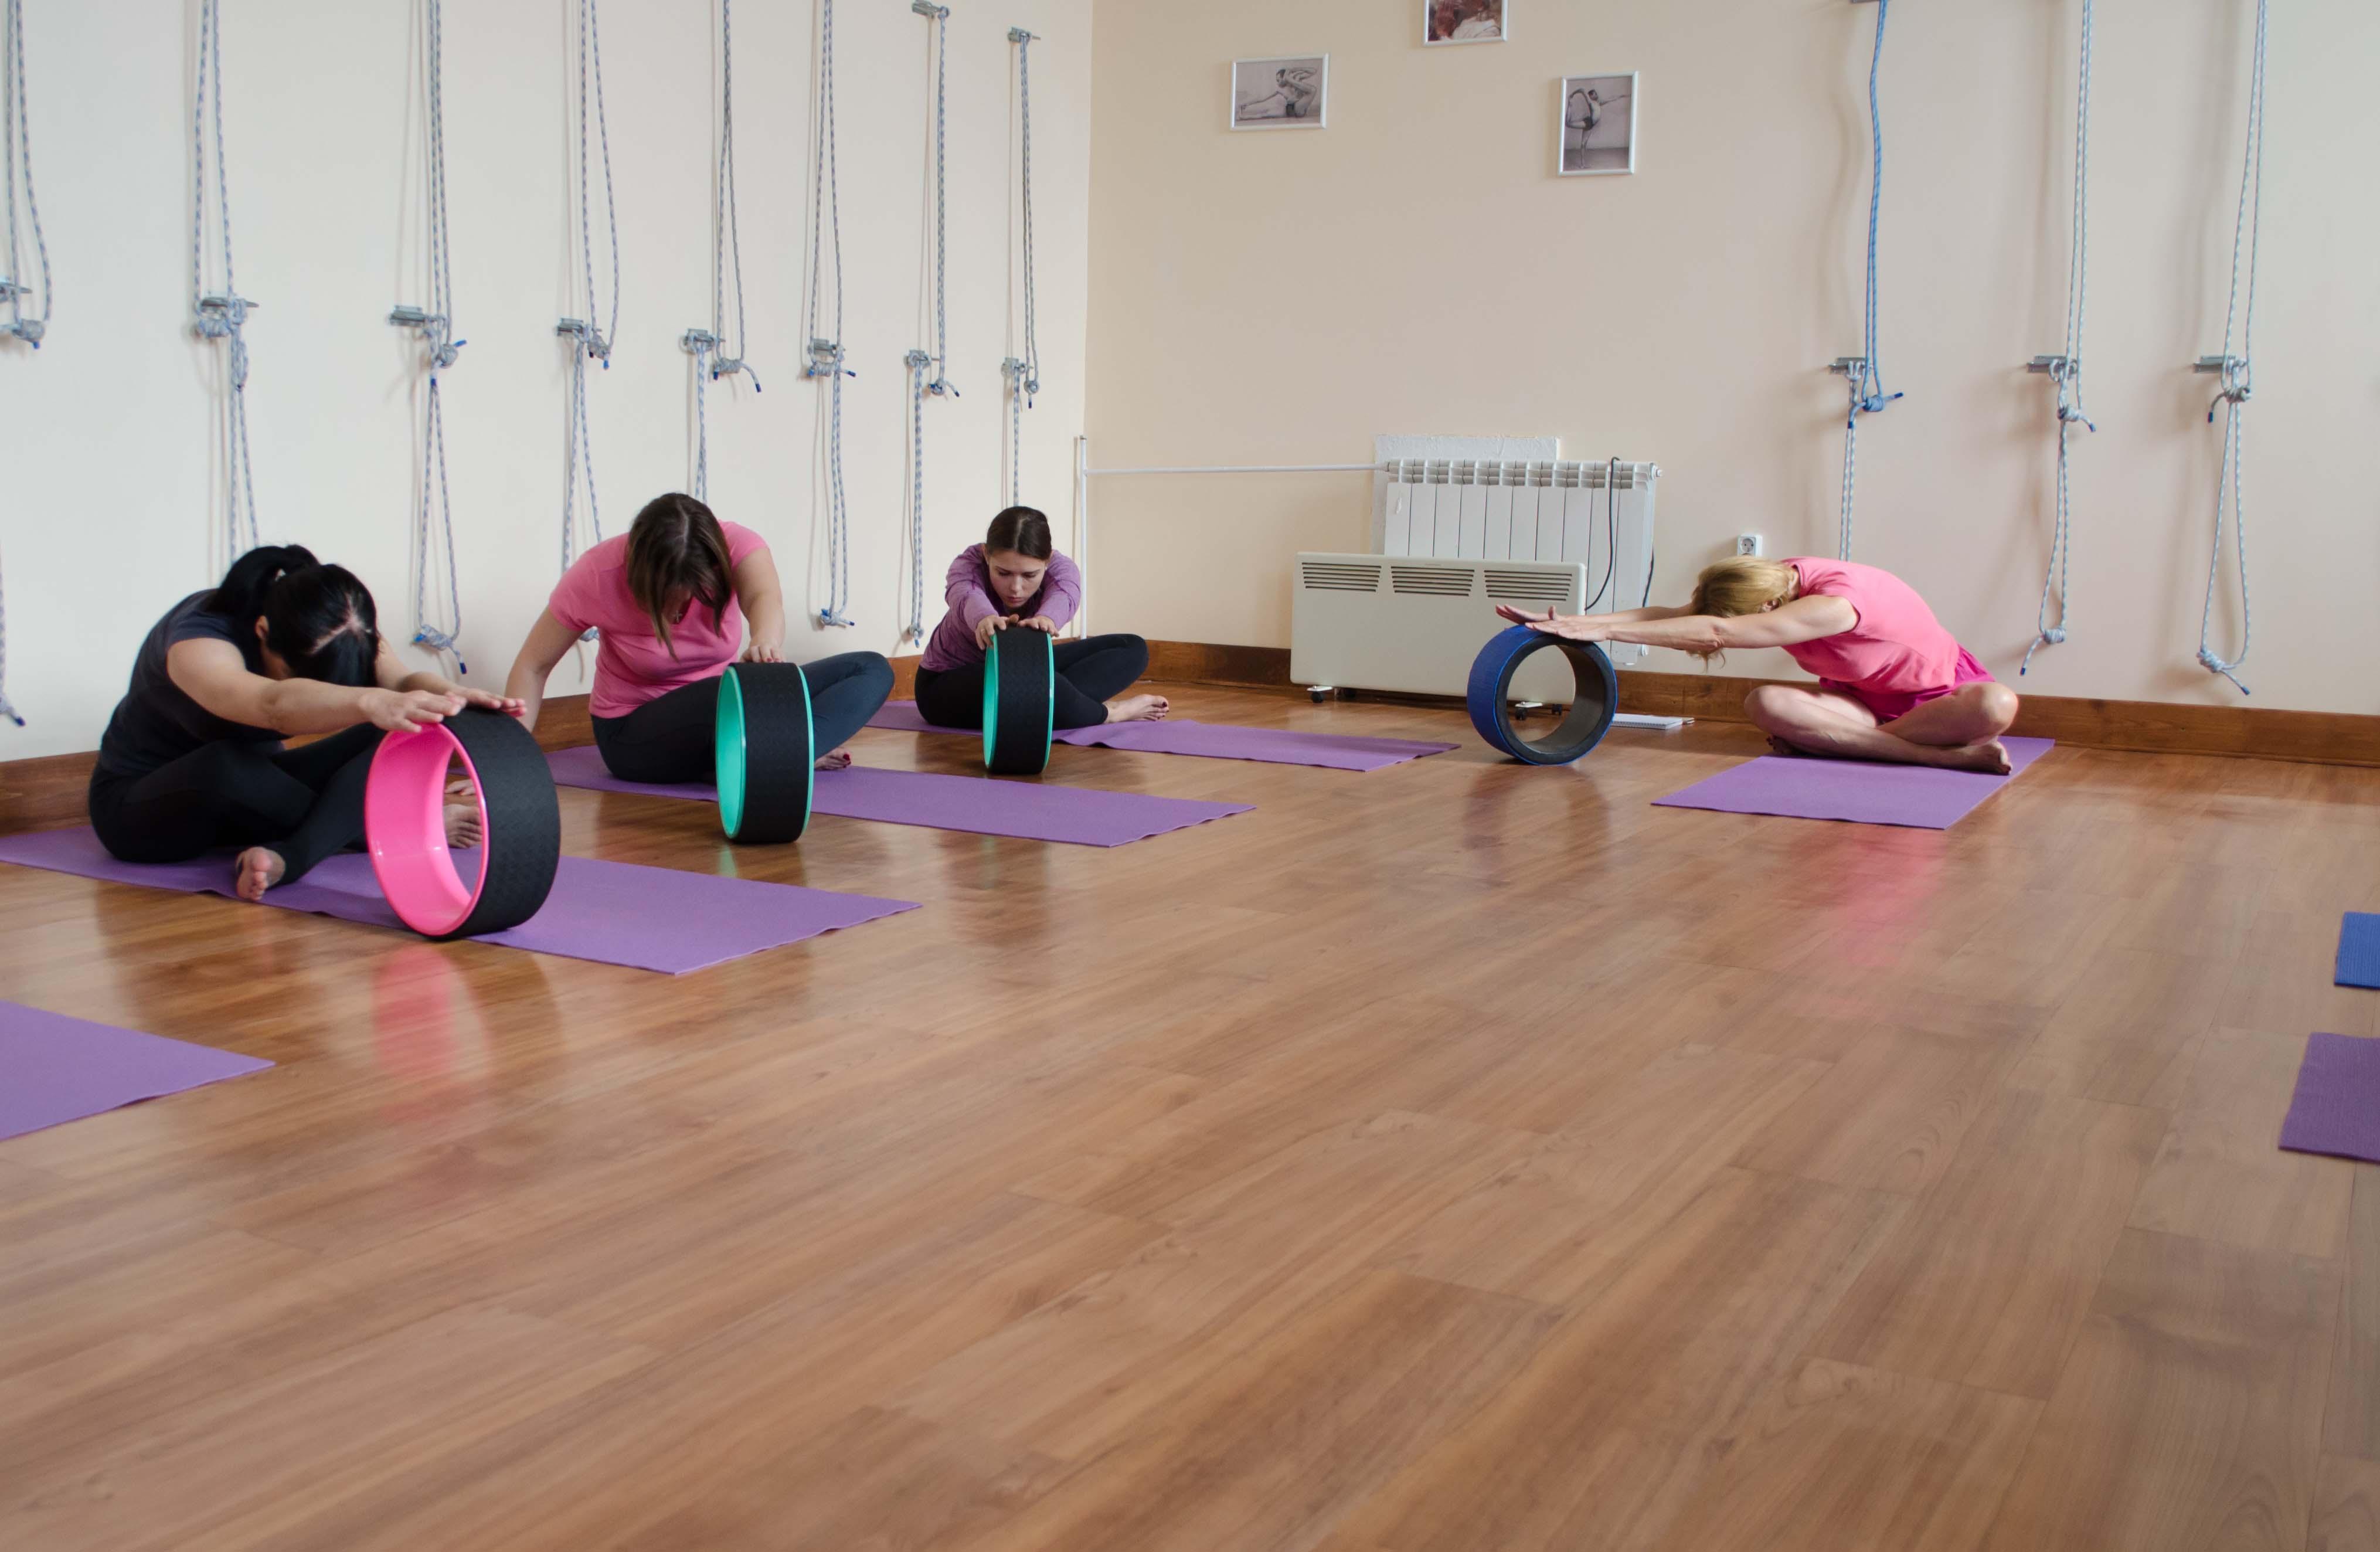 Йога практика официальный крылатское